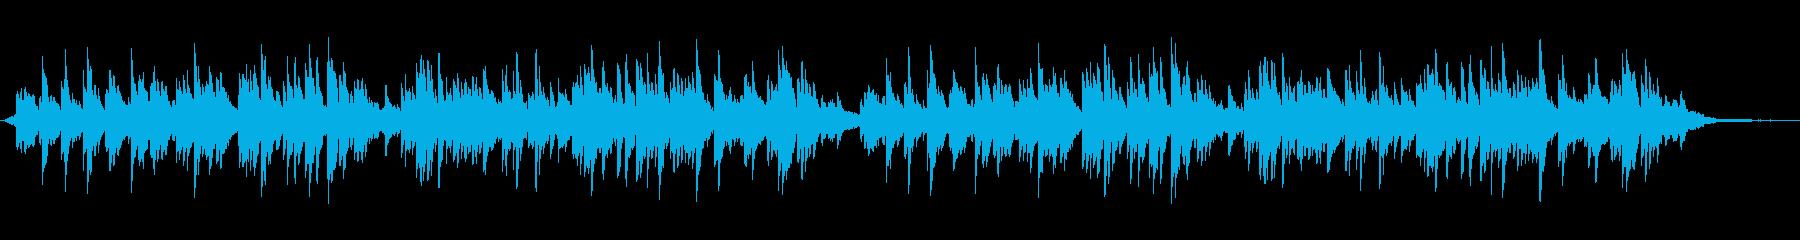 やさしいアンビエント調のピアノ曲の再生済みの波形